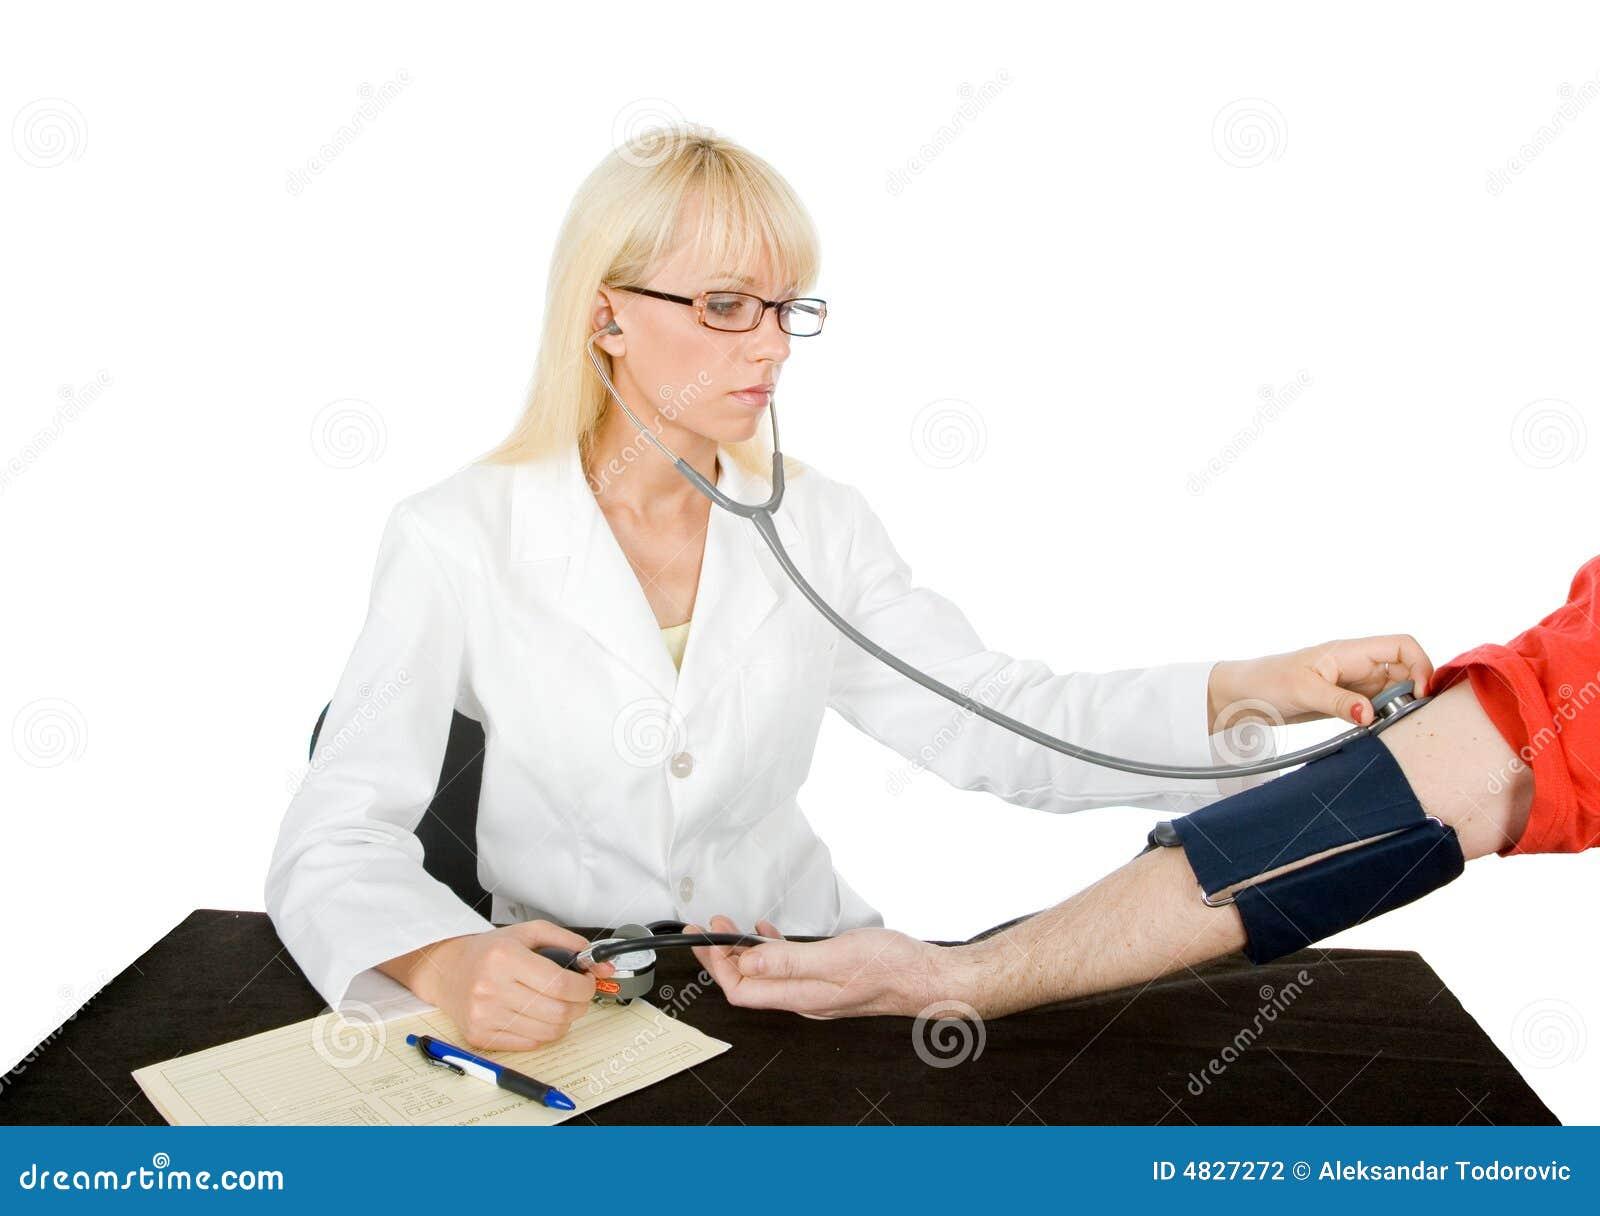 Verific a sangue-pressão